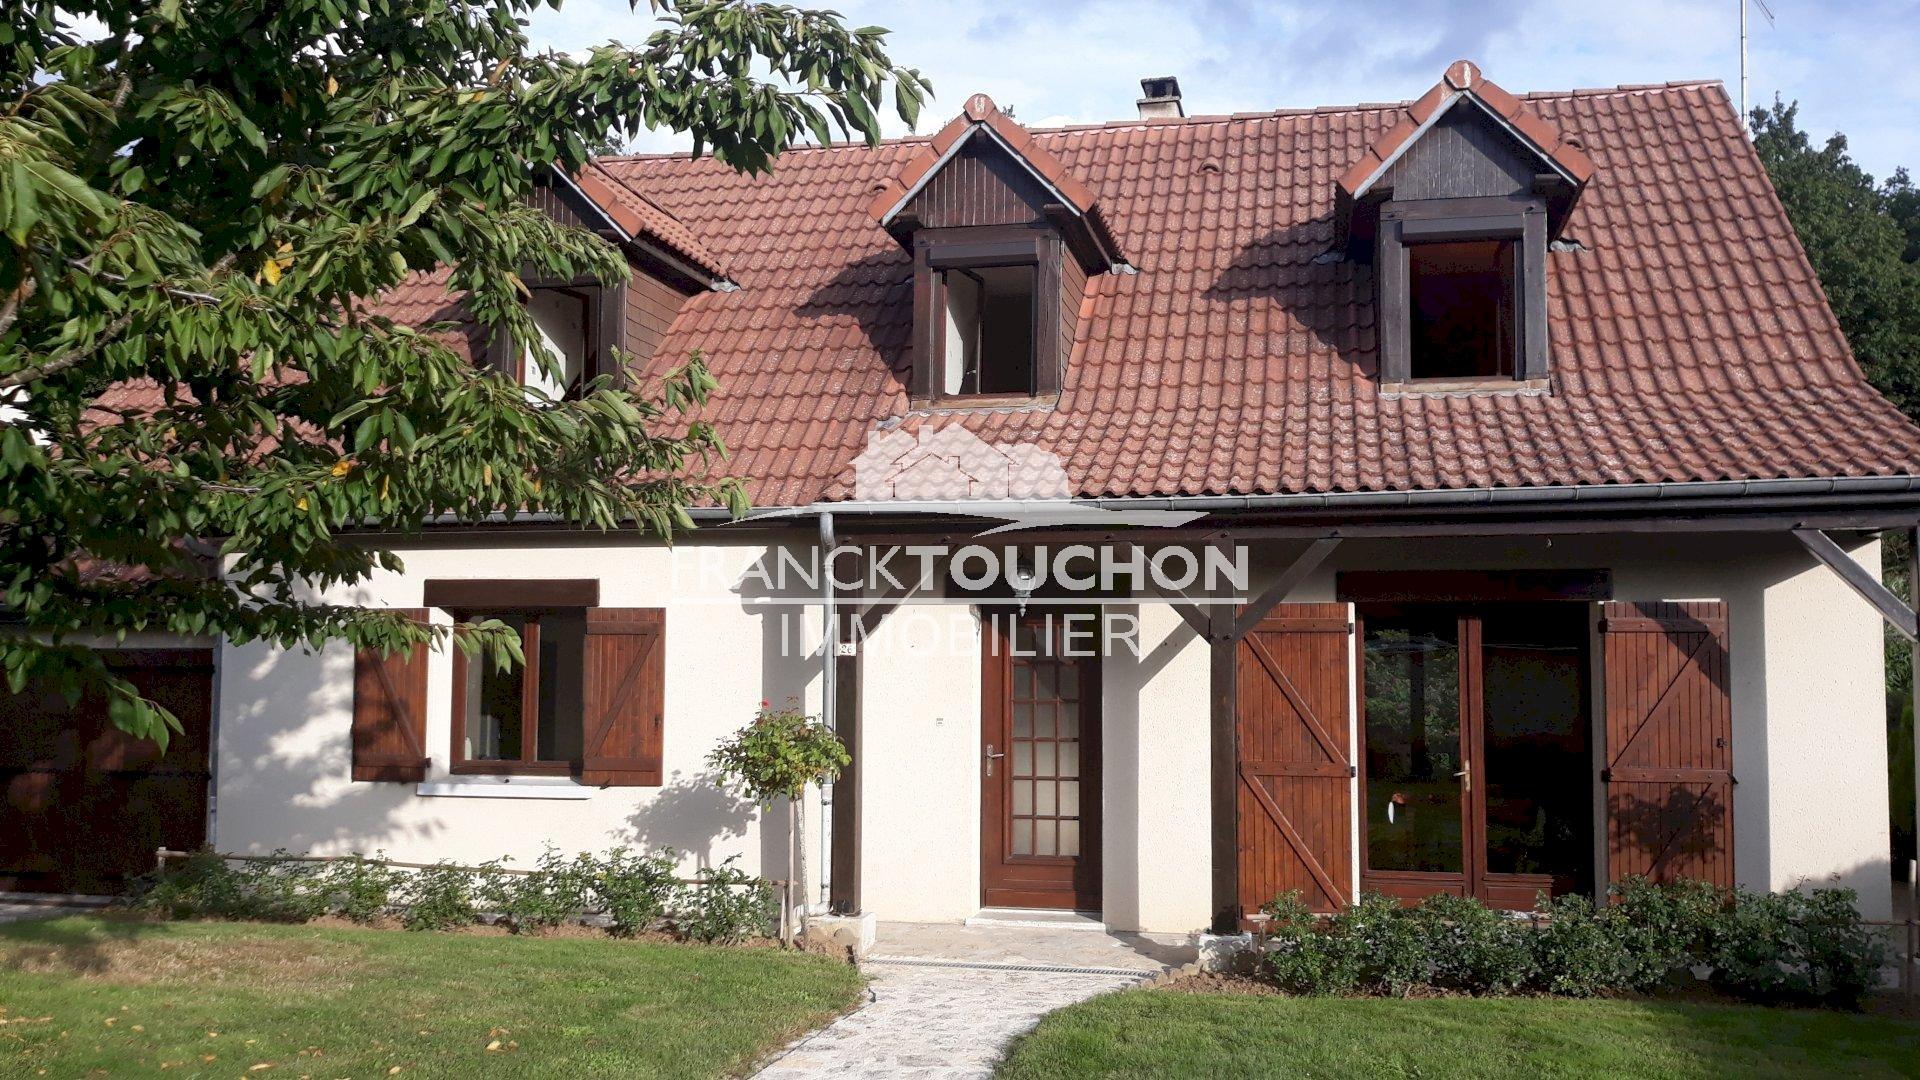 PAVILLON à SOUPPES S/ LOING (77460) 1 h de PARIS - 120 m² hab - 4 chambres - garage - 691 m² terrain